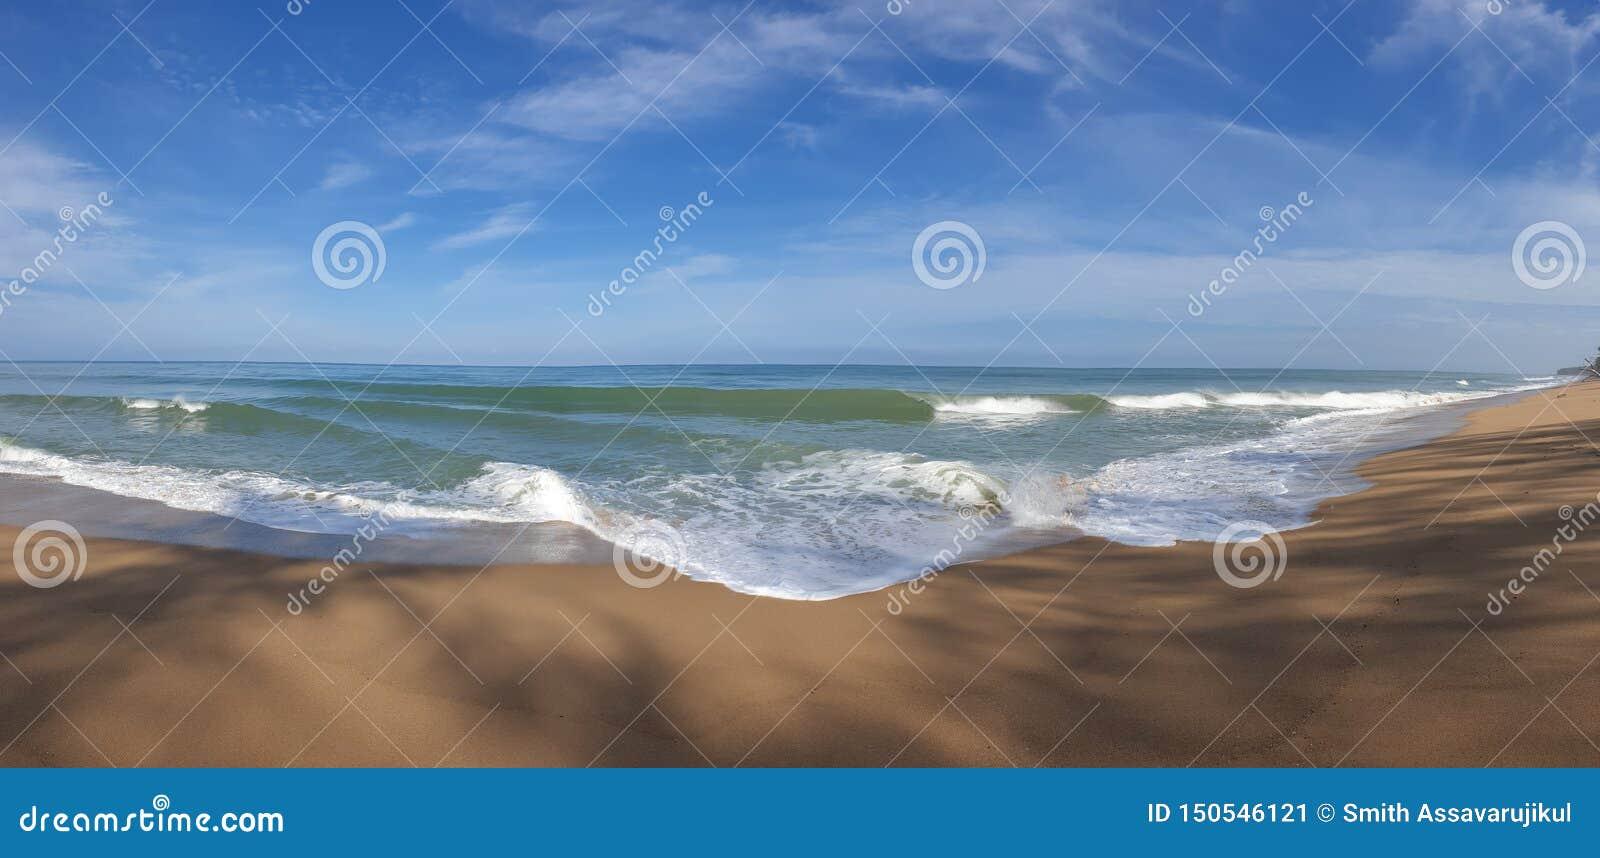 Foto del panorama de la playa con el mar alto y fuerte de la onda